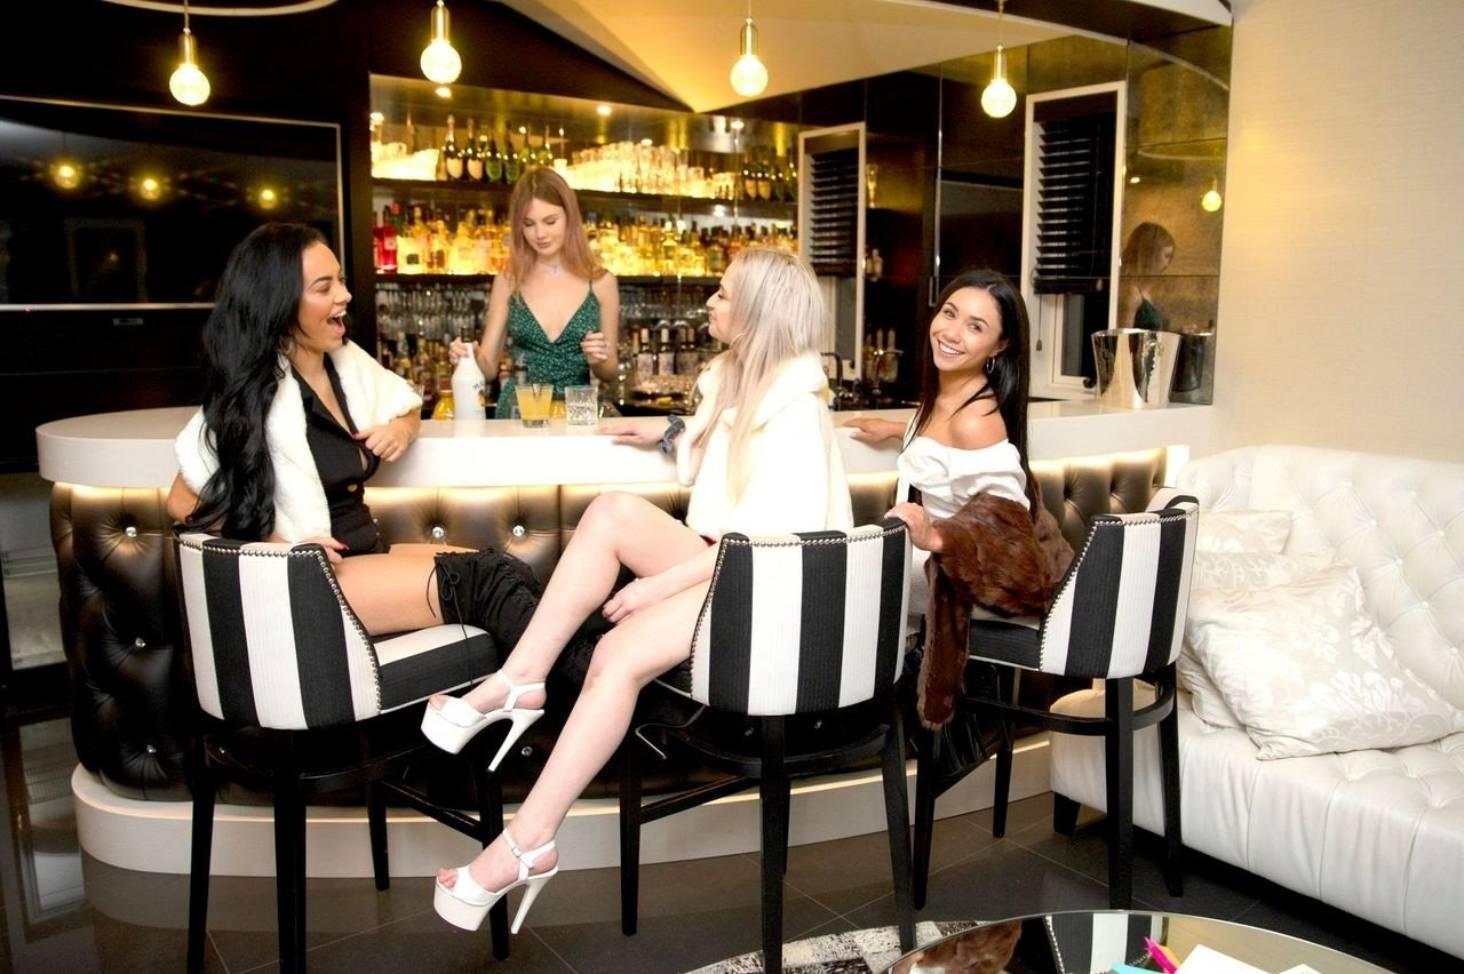 Girls auckland working 'Working Girls'